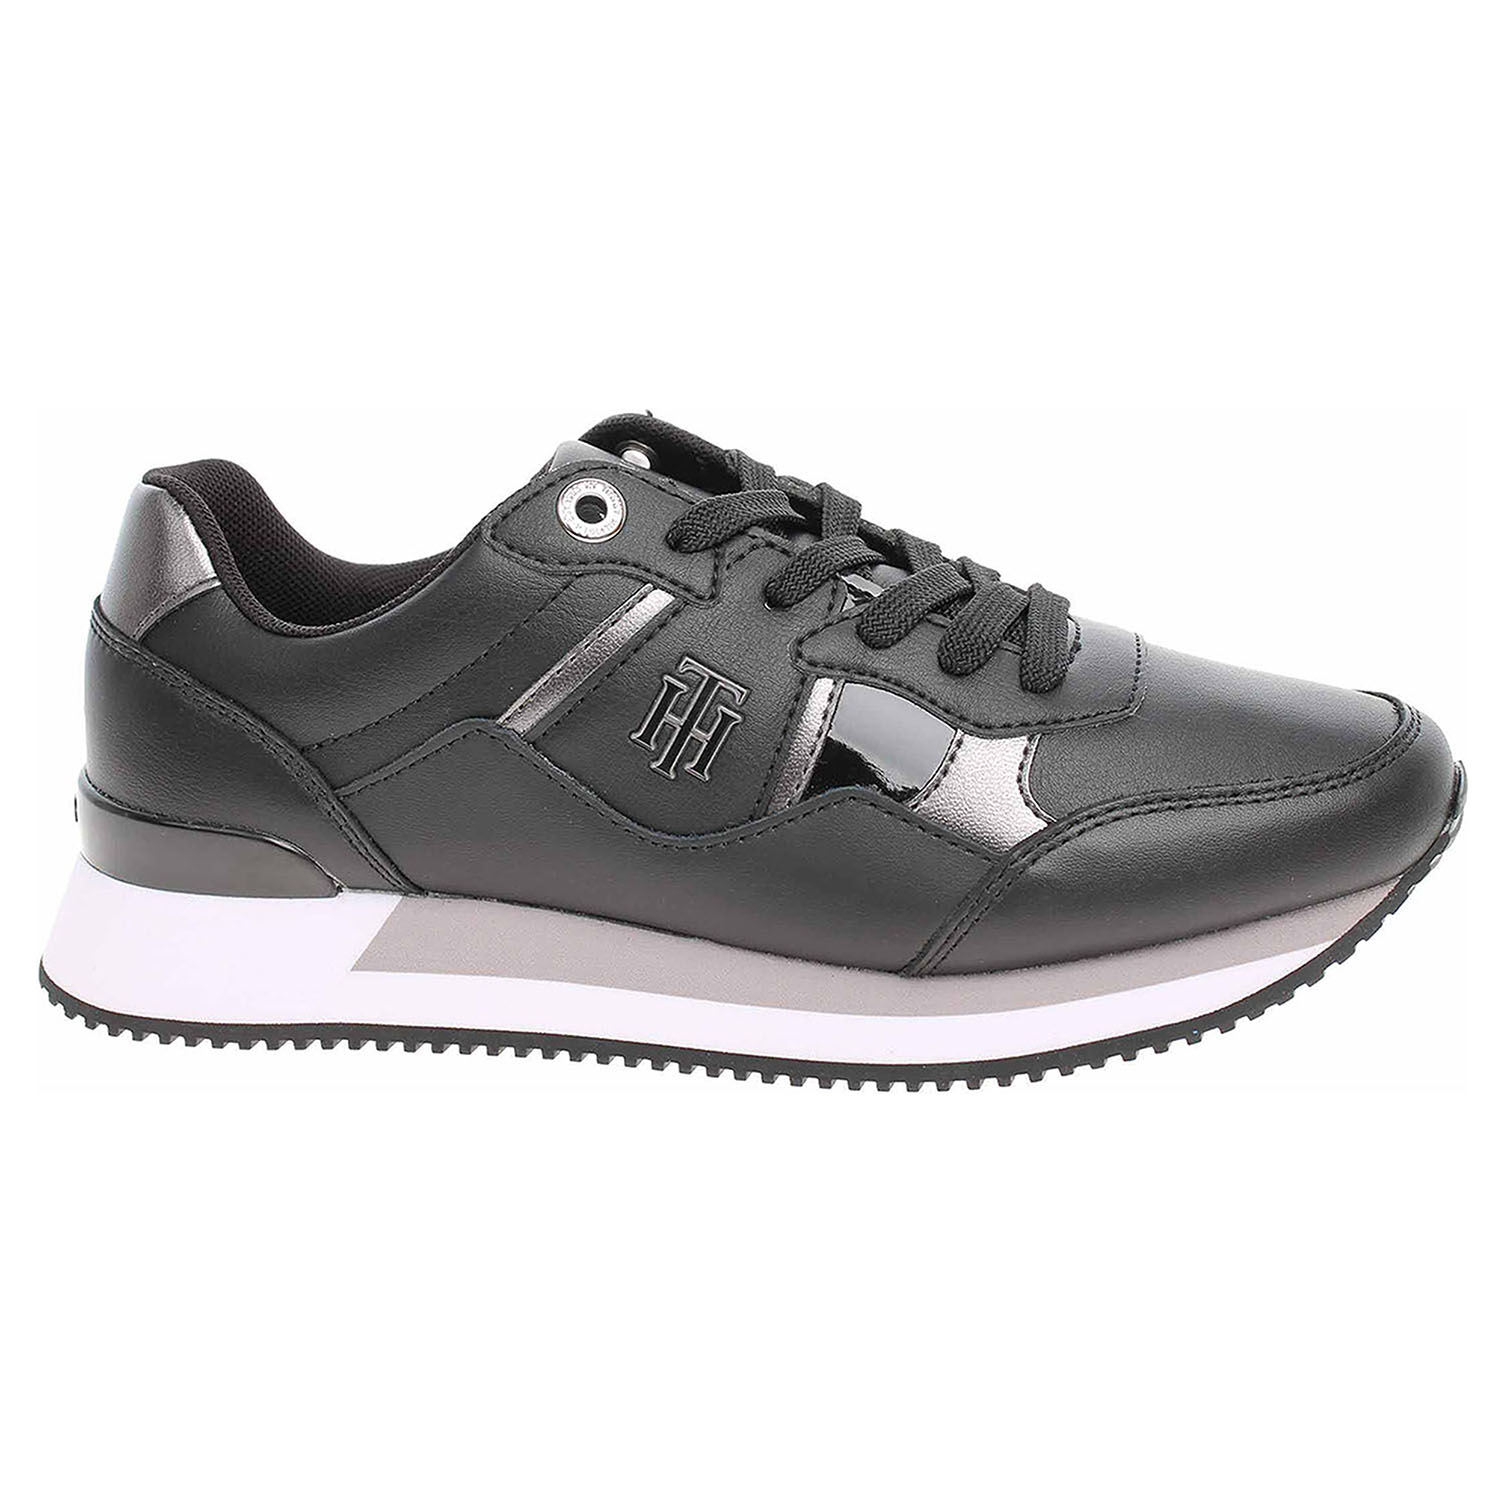 Dámská obuv Tommy Hilfiger FW0FW05558 BDS black FW0FW05558 BDS 39